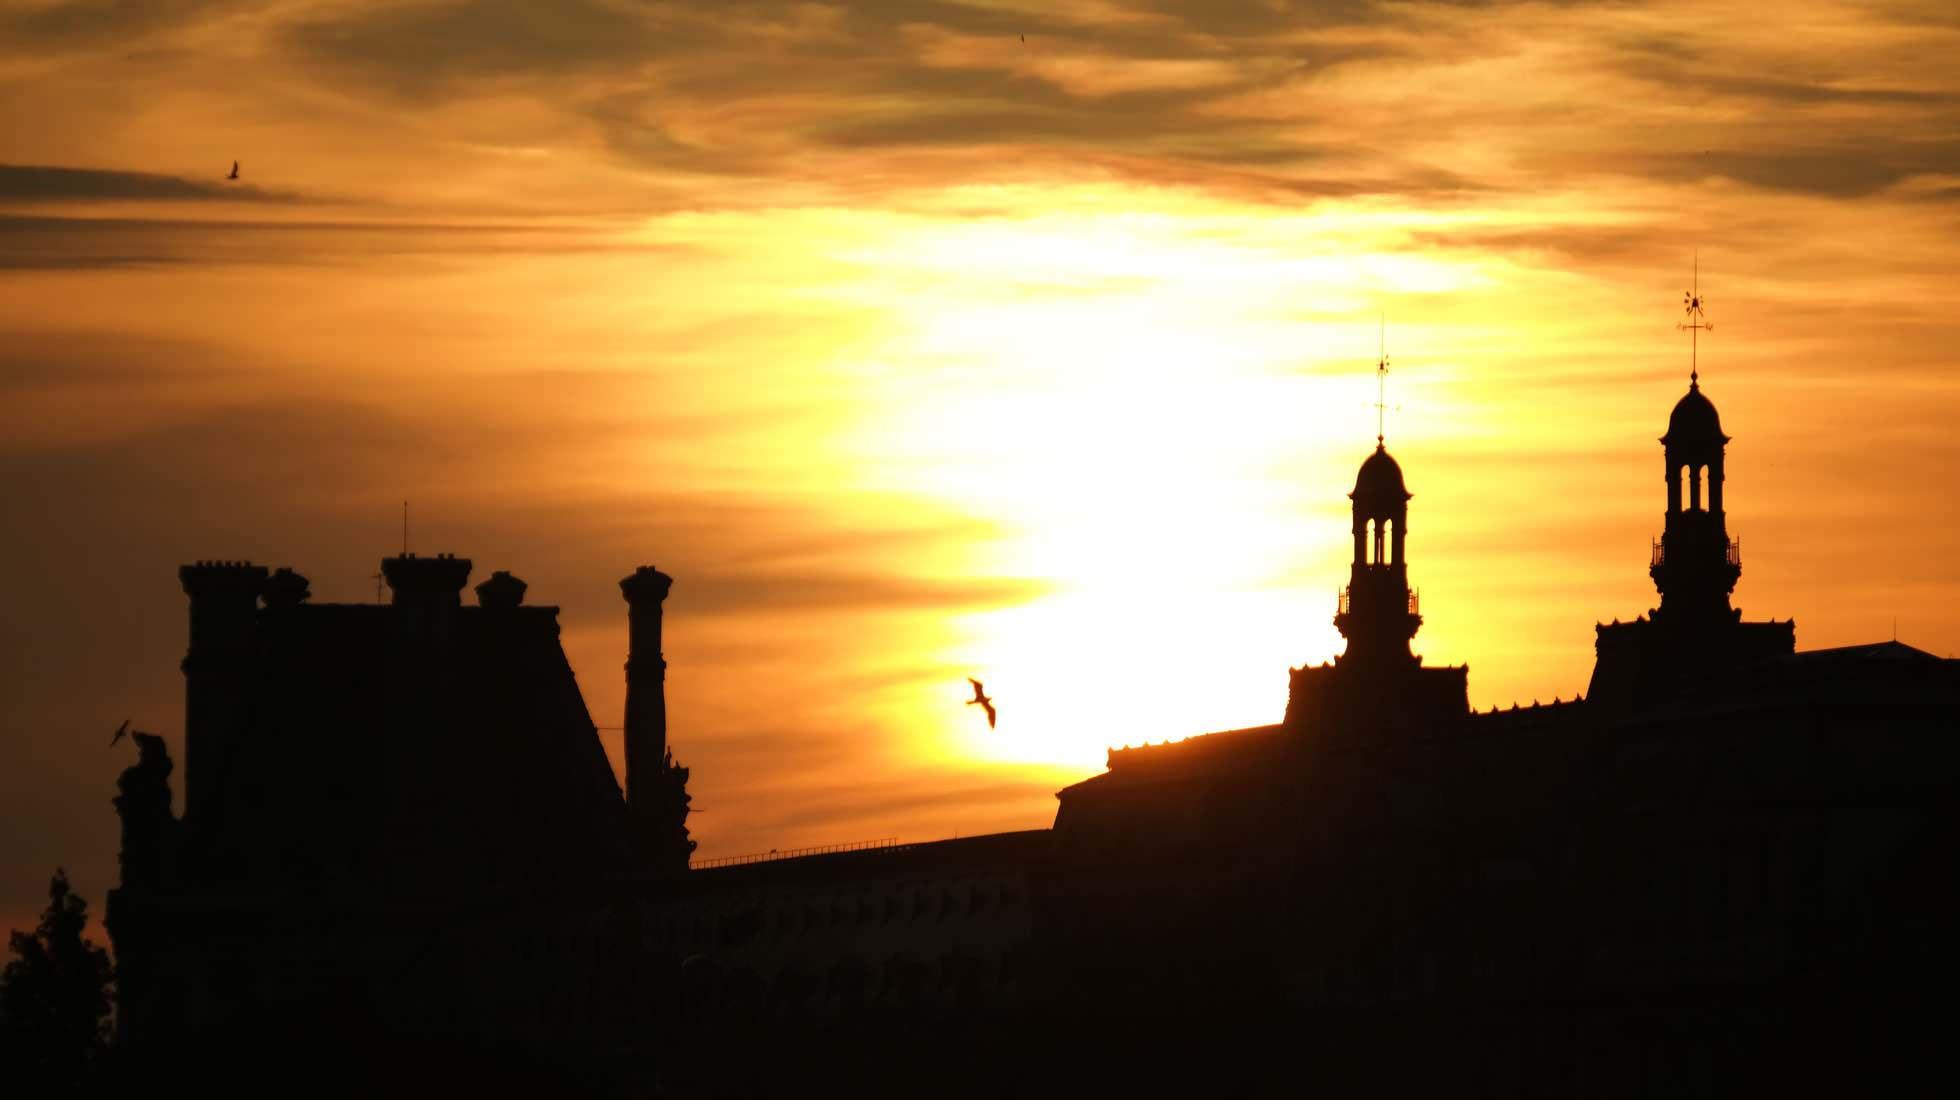 Sonnenuntergang Seine